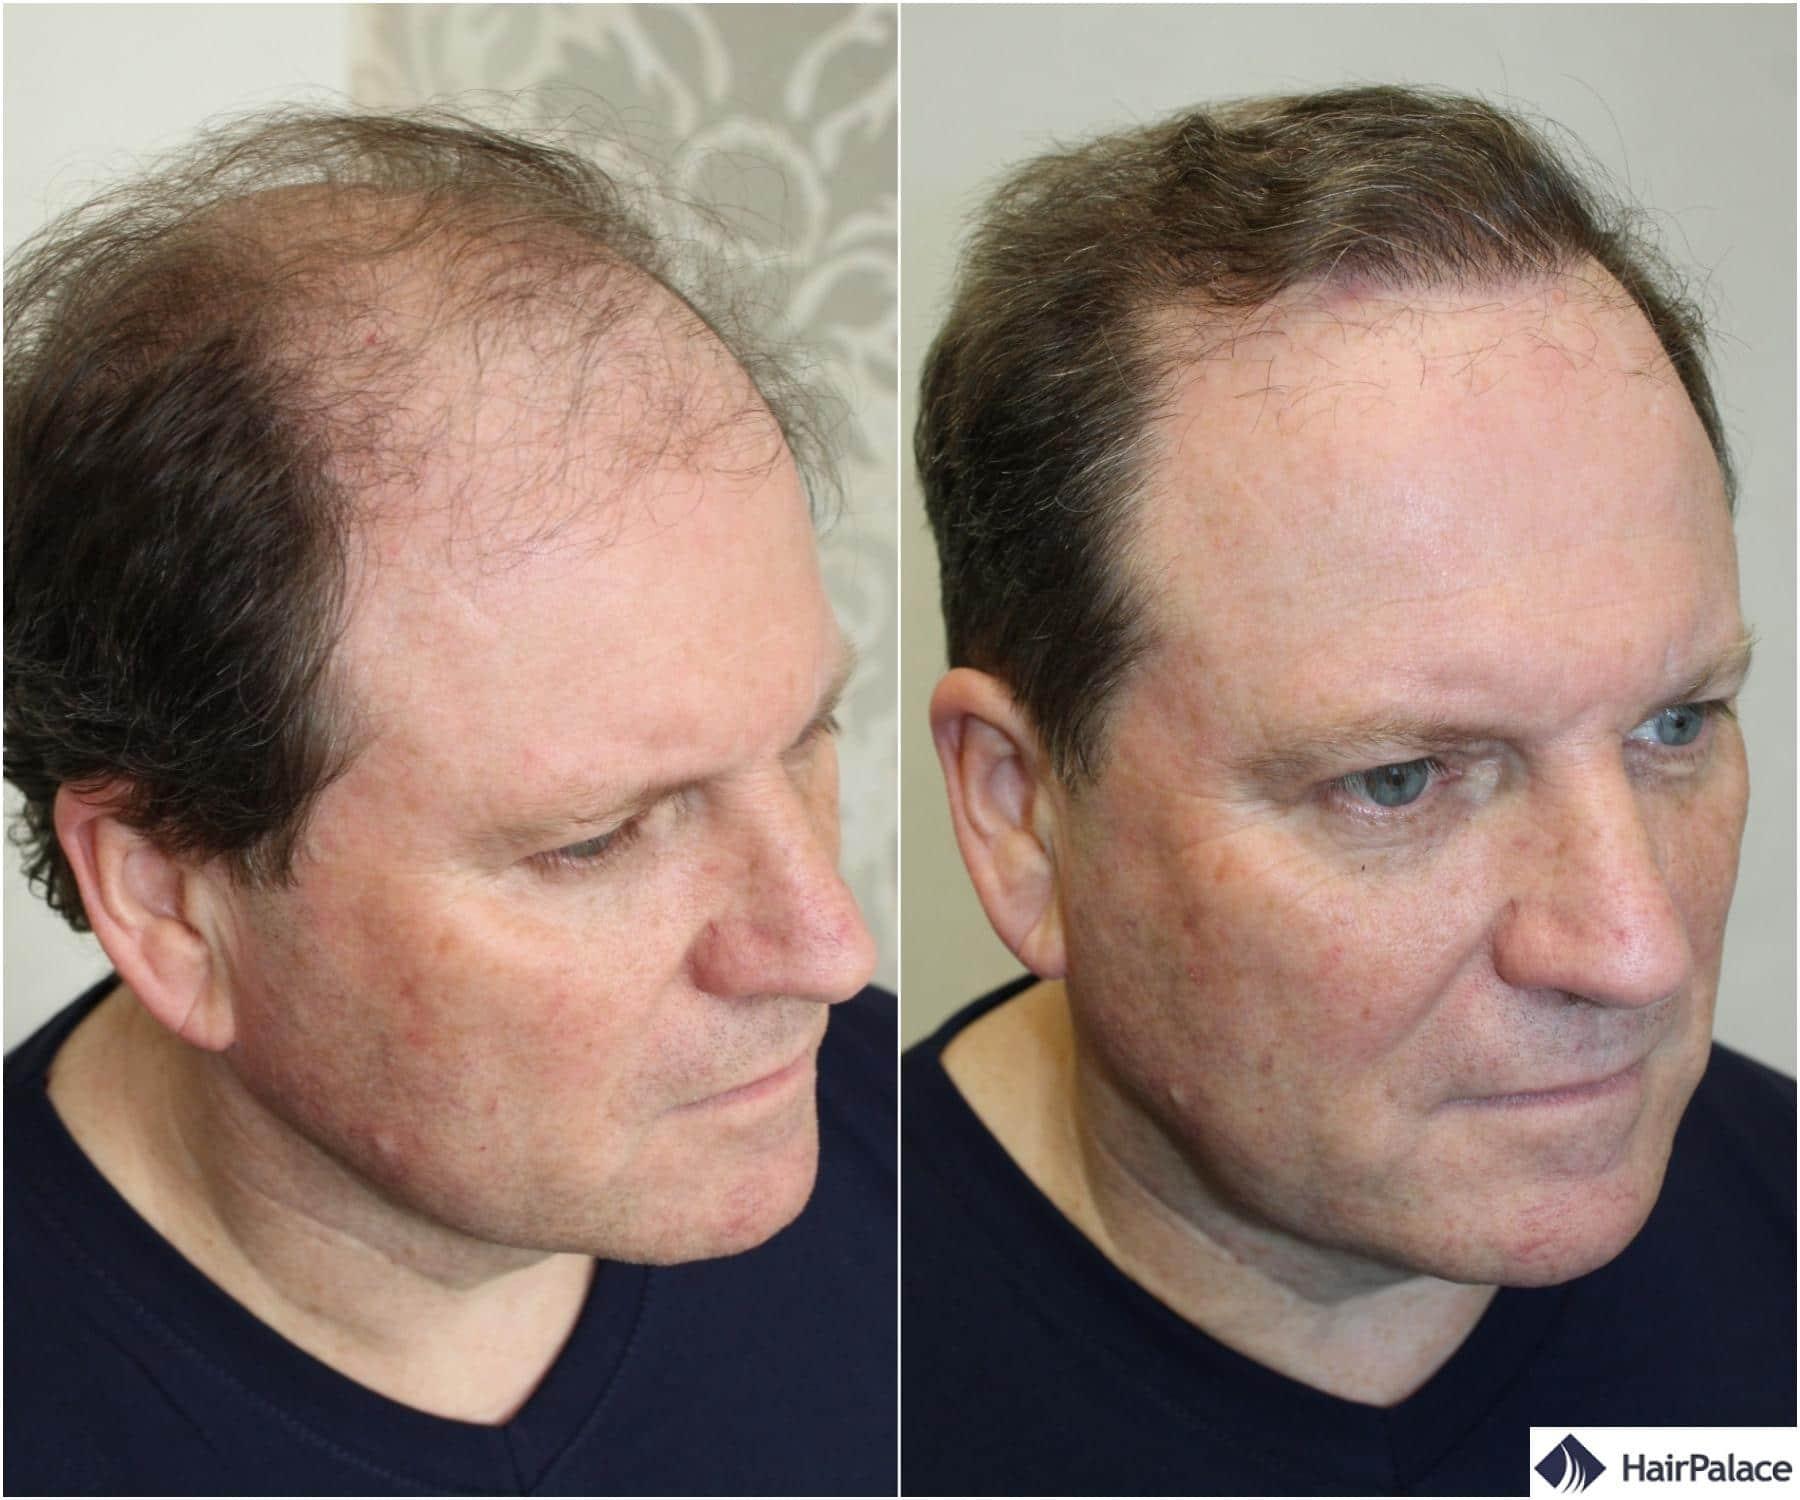 resultat de greffe de cheveux derek